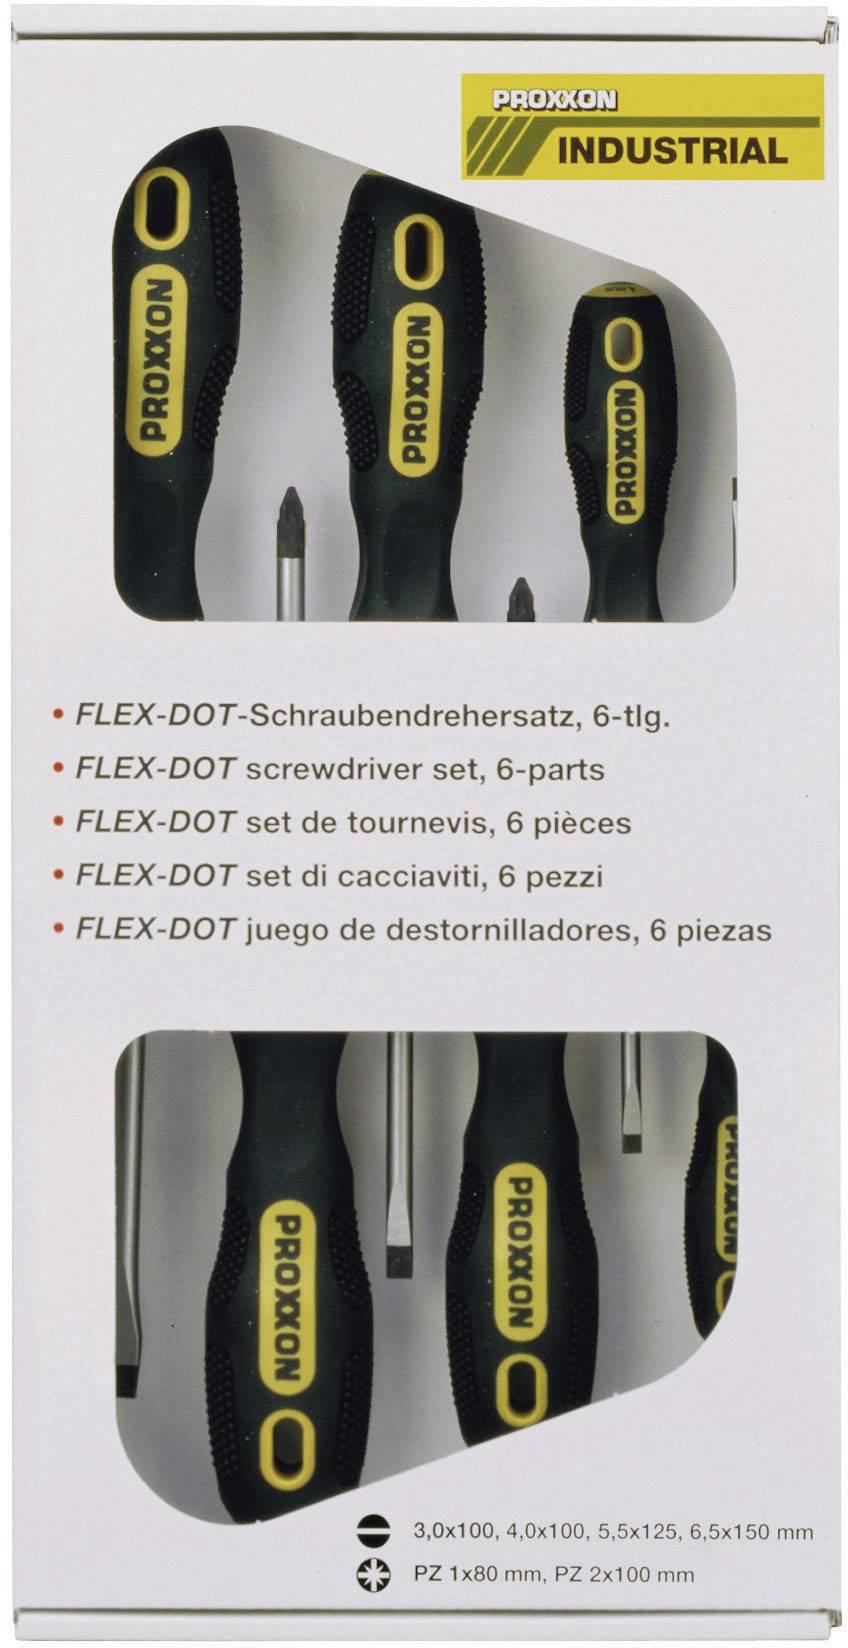 Súprava skrutkovačov Proxxon Industrial FLEX-DOT 22606, 6-dielna